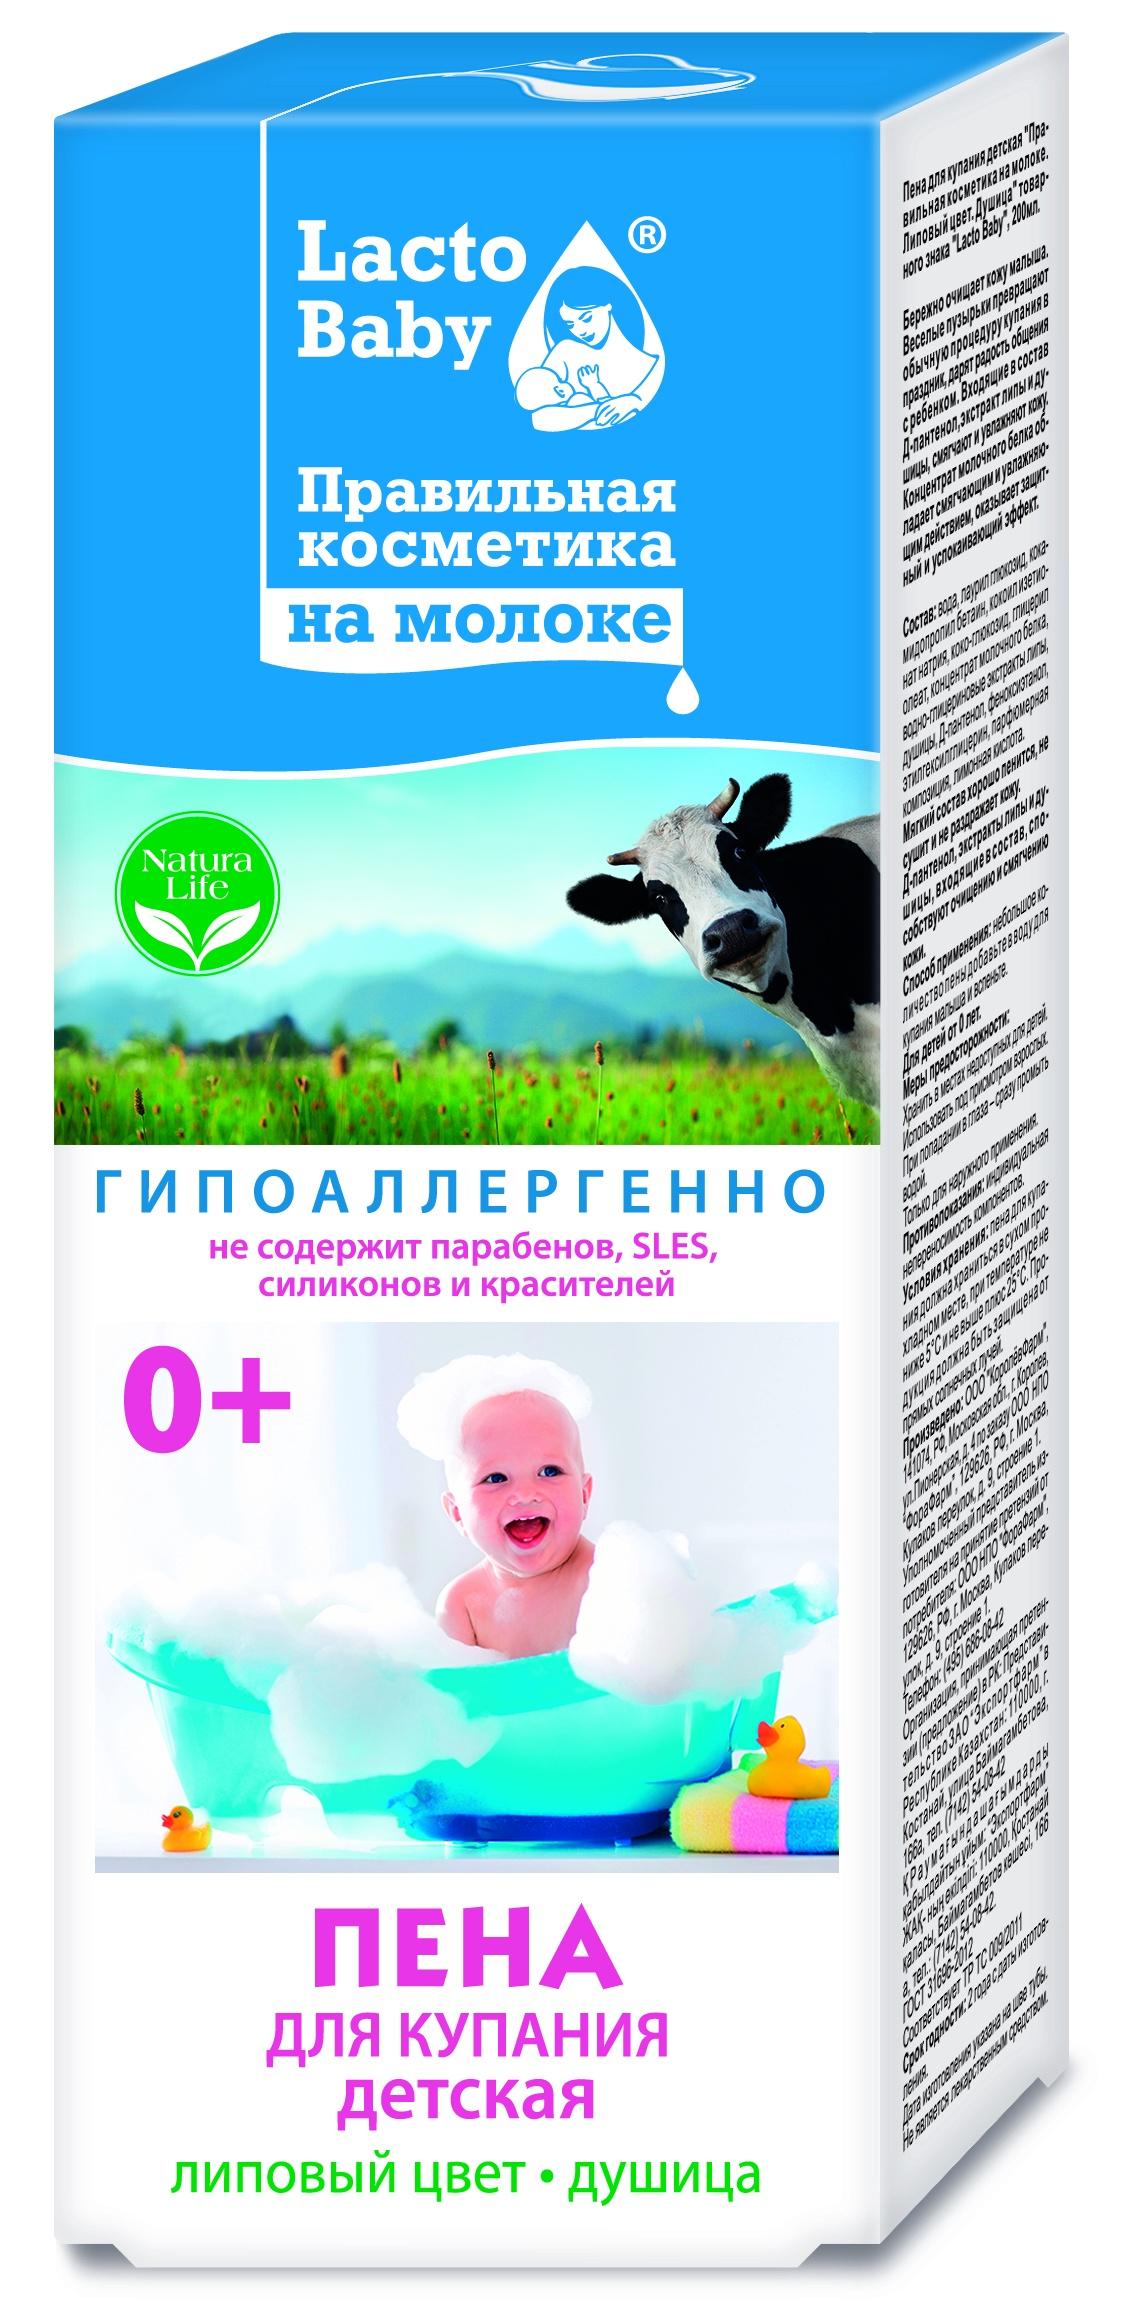 """Пена для купания детская """"Лакто бэби """"на молоке Липовый цвет. Душица 200мл"""